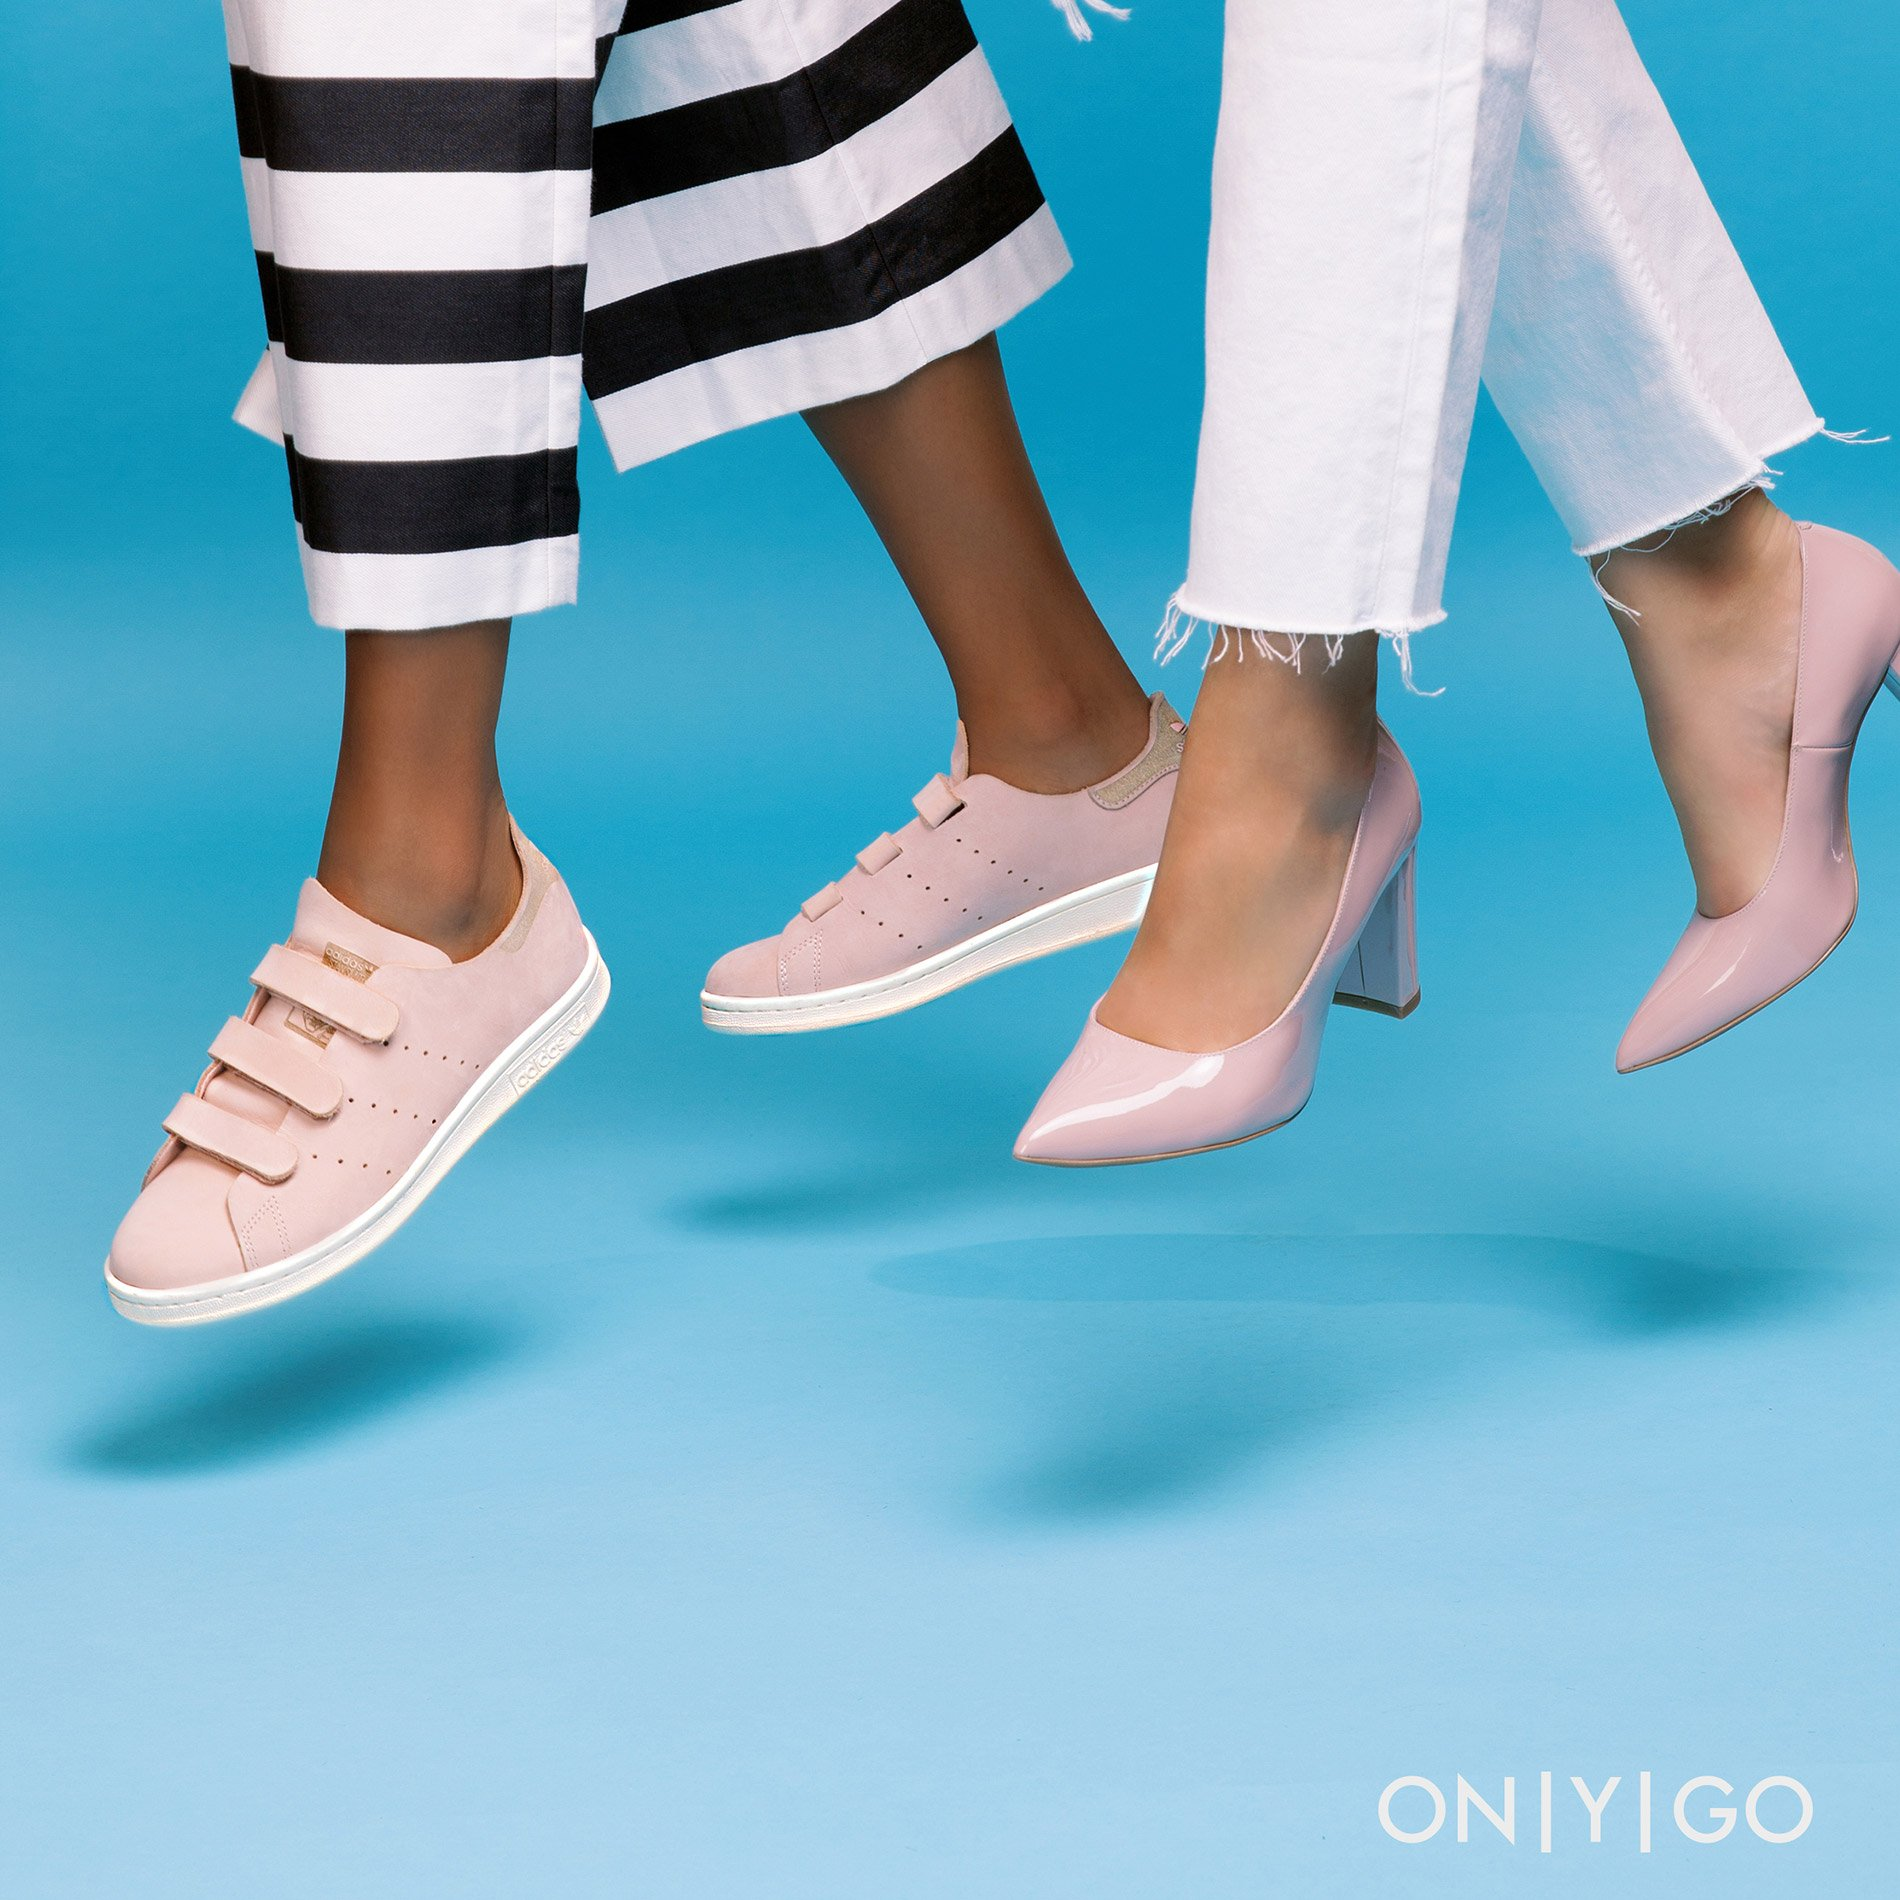 onygo-store05